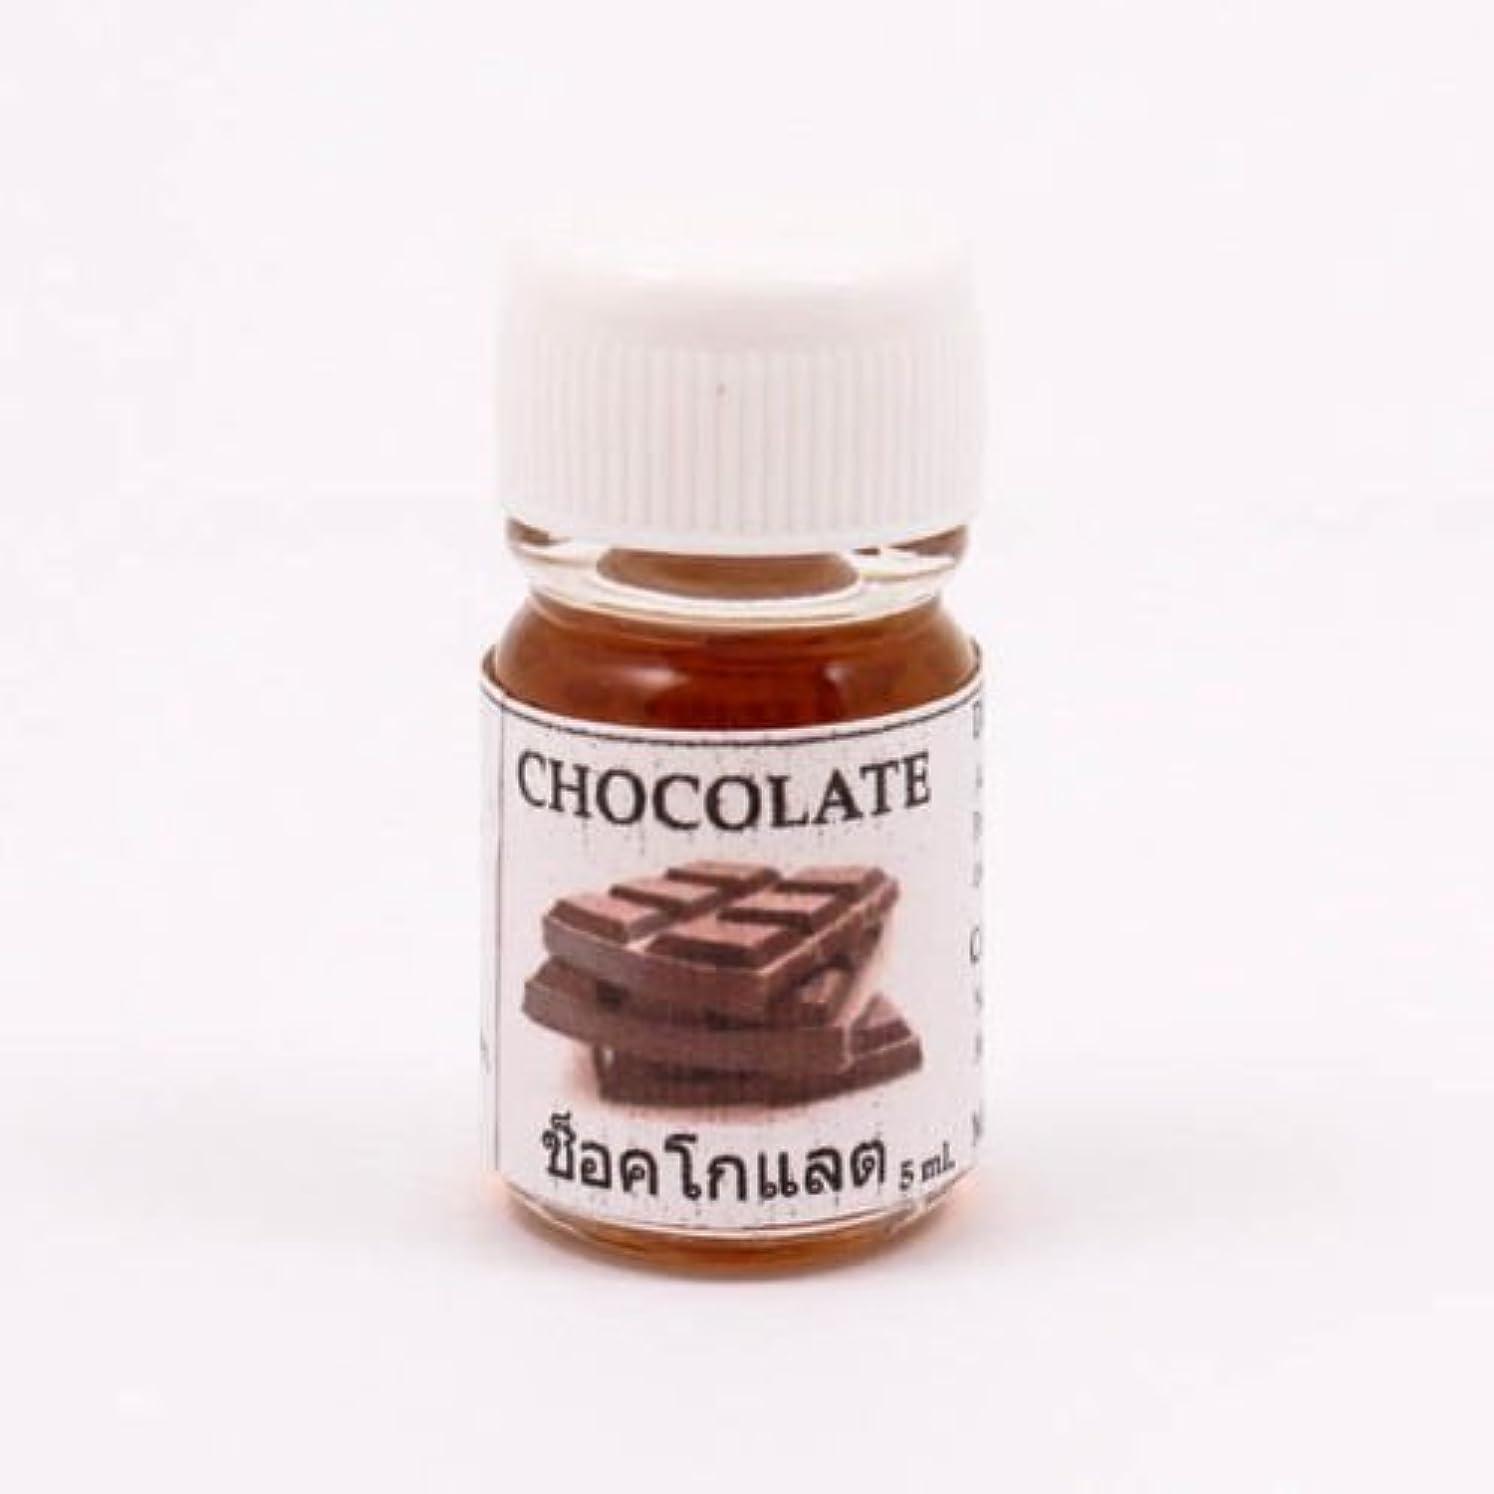 申し込む頼む餌6X Chocalate Aroma Fragrance Essential Oil 5ML. cc Diffuser Burner Therapy